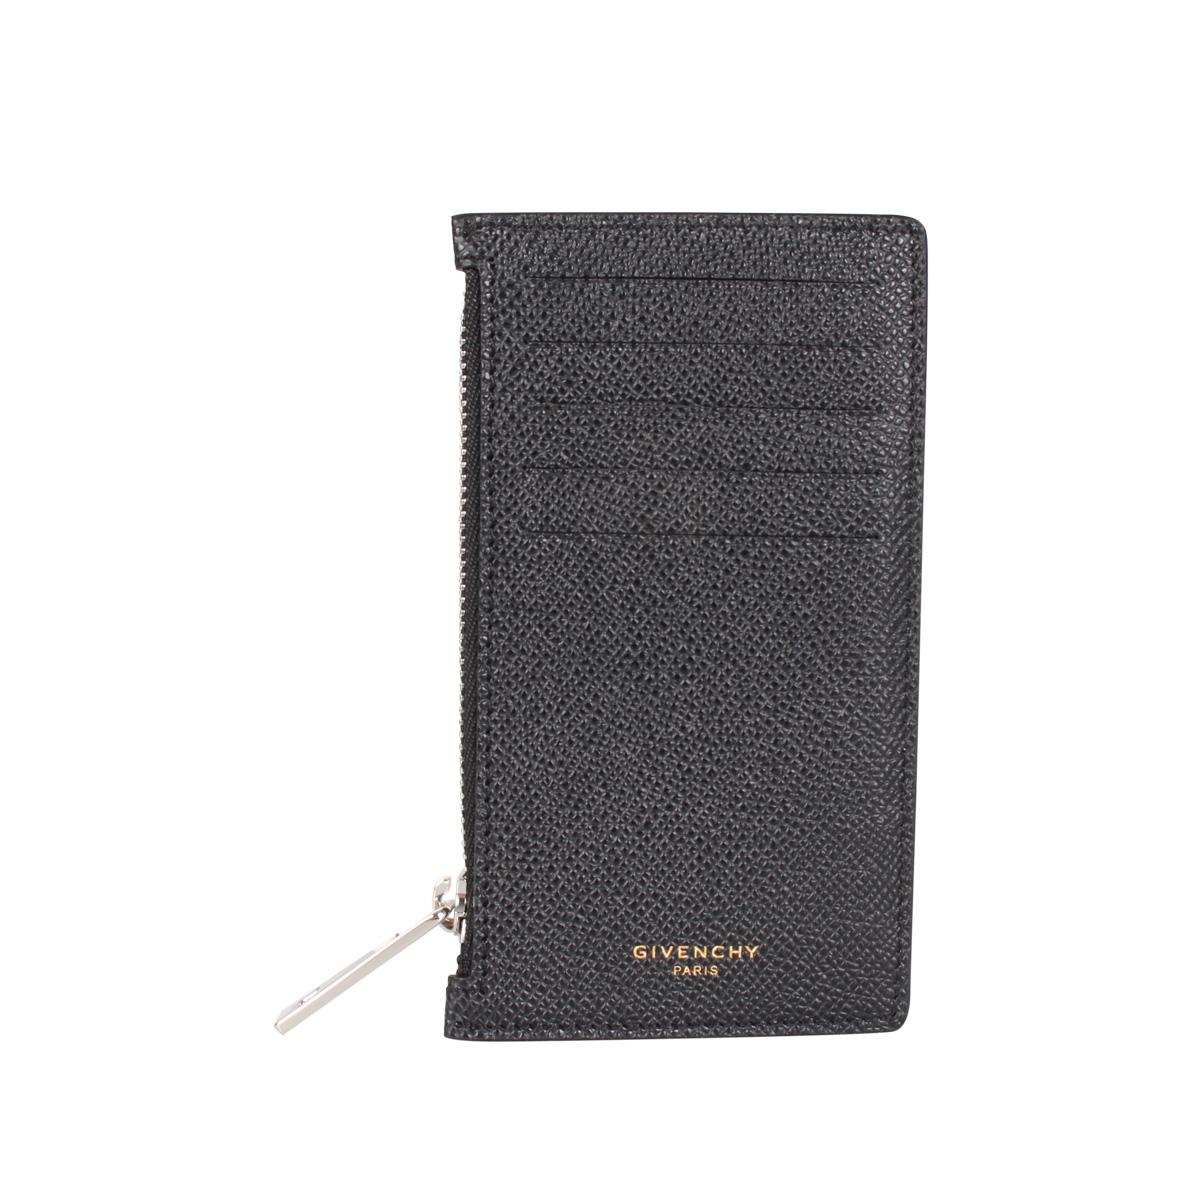 GIVENCHY CARD HOLDER ジバンシィ カードケース 小銭入れ 定期入れ ID メンズ ブラック 黒 BK6001 [3/9 新入荷]